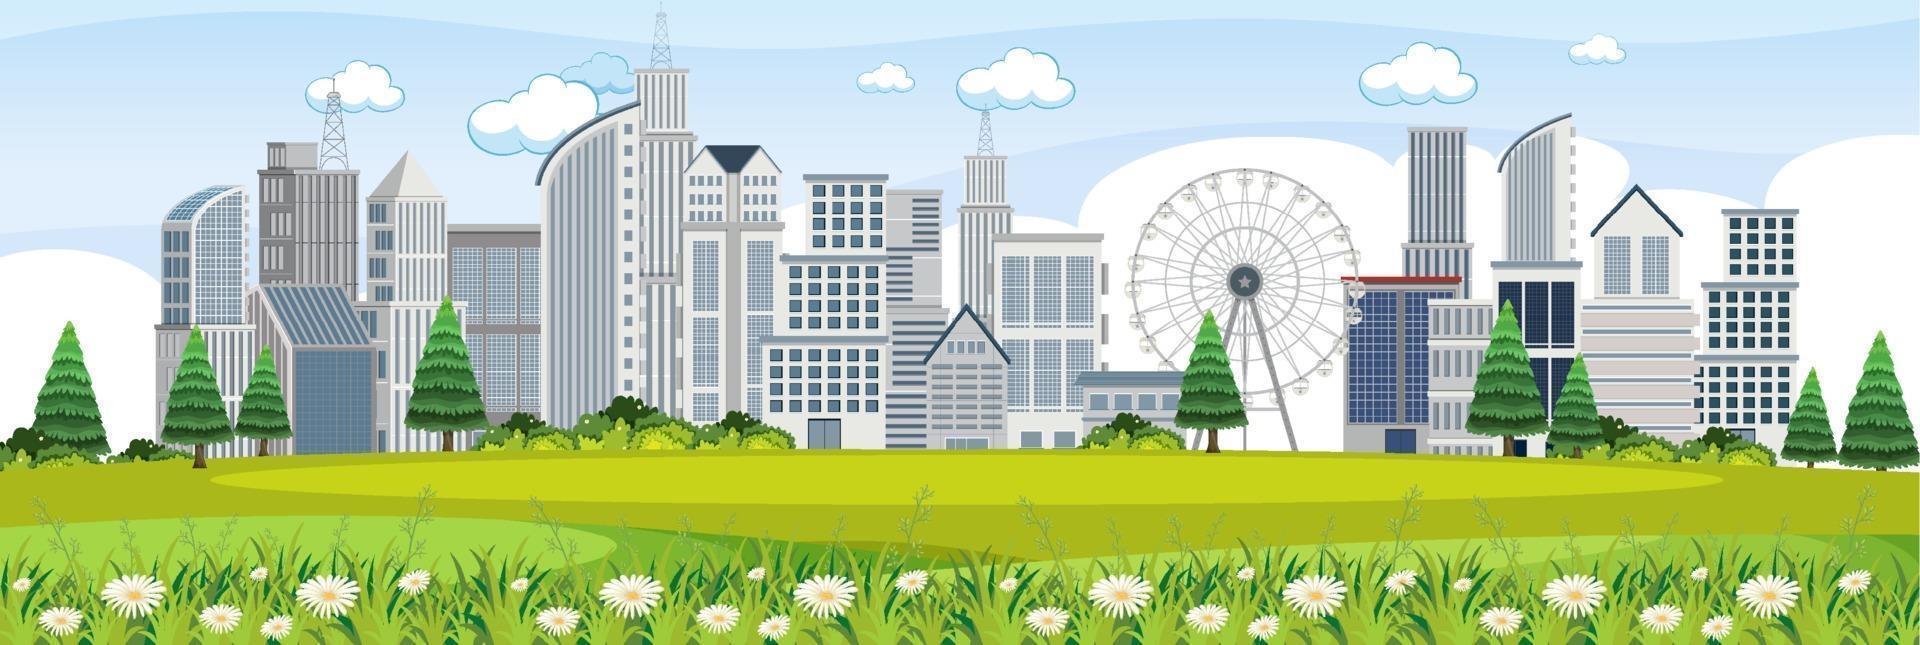 stadsscen från parkvyn vektor